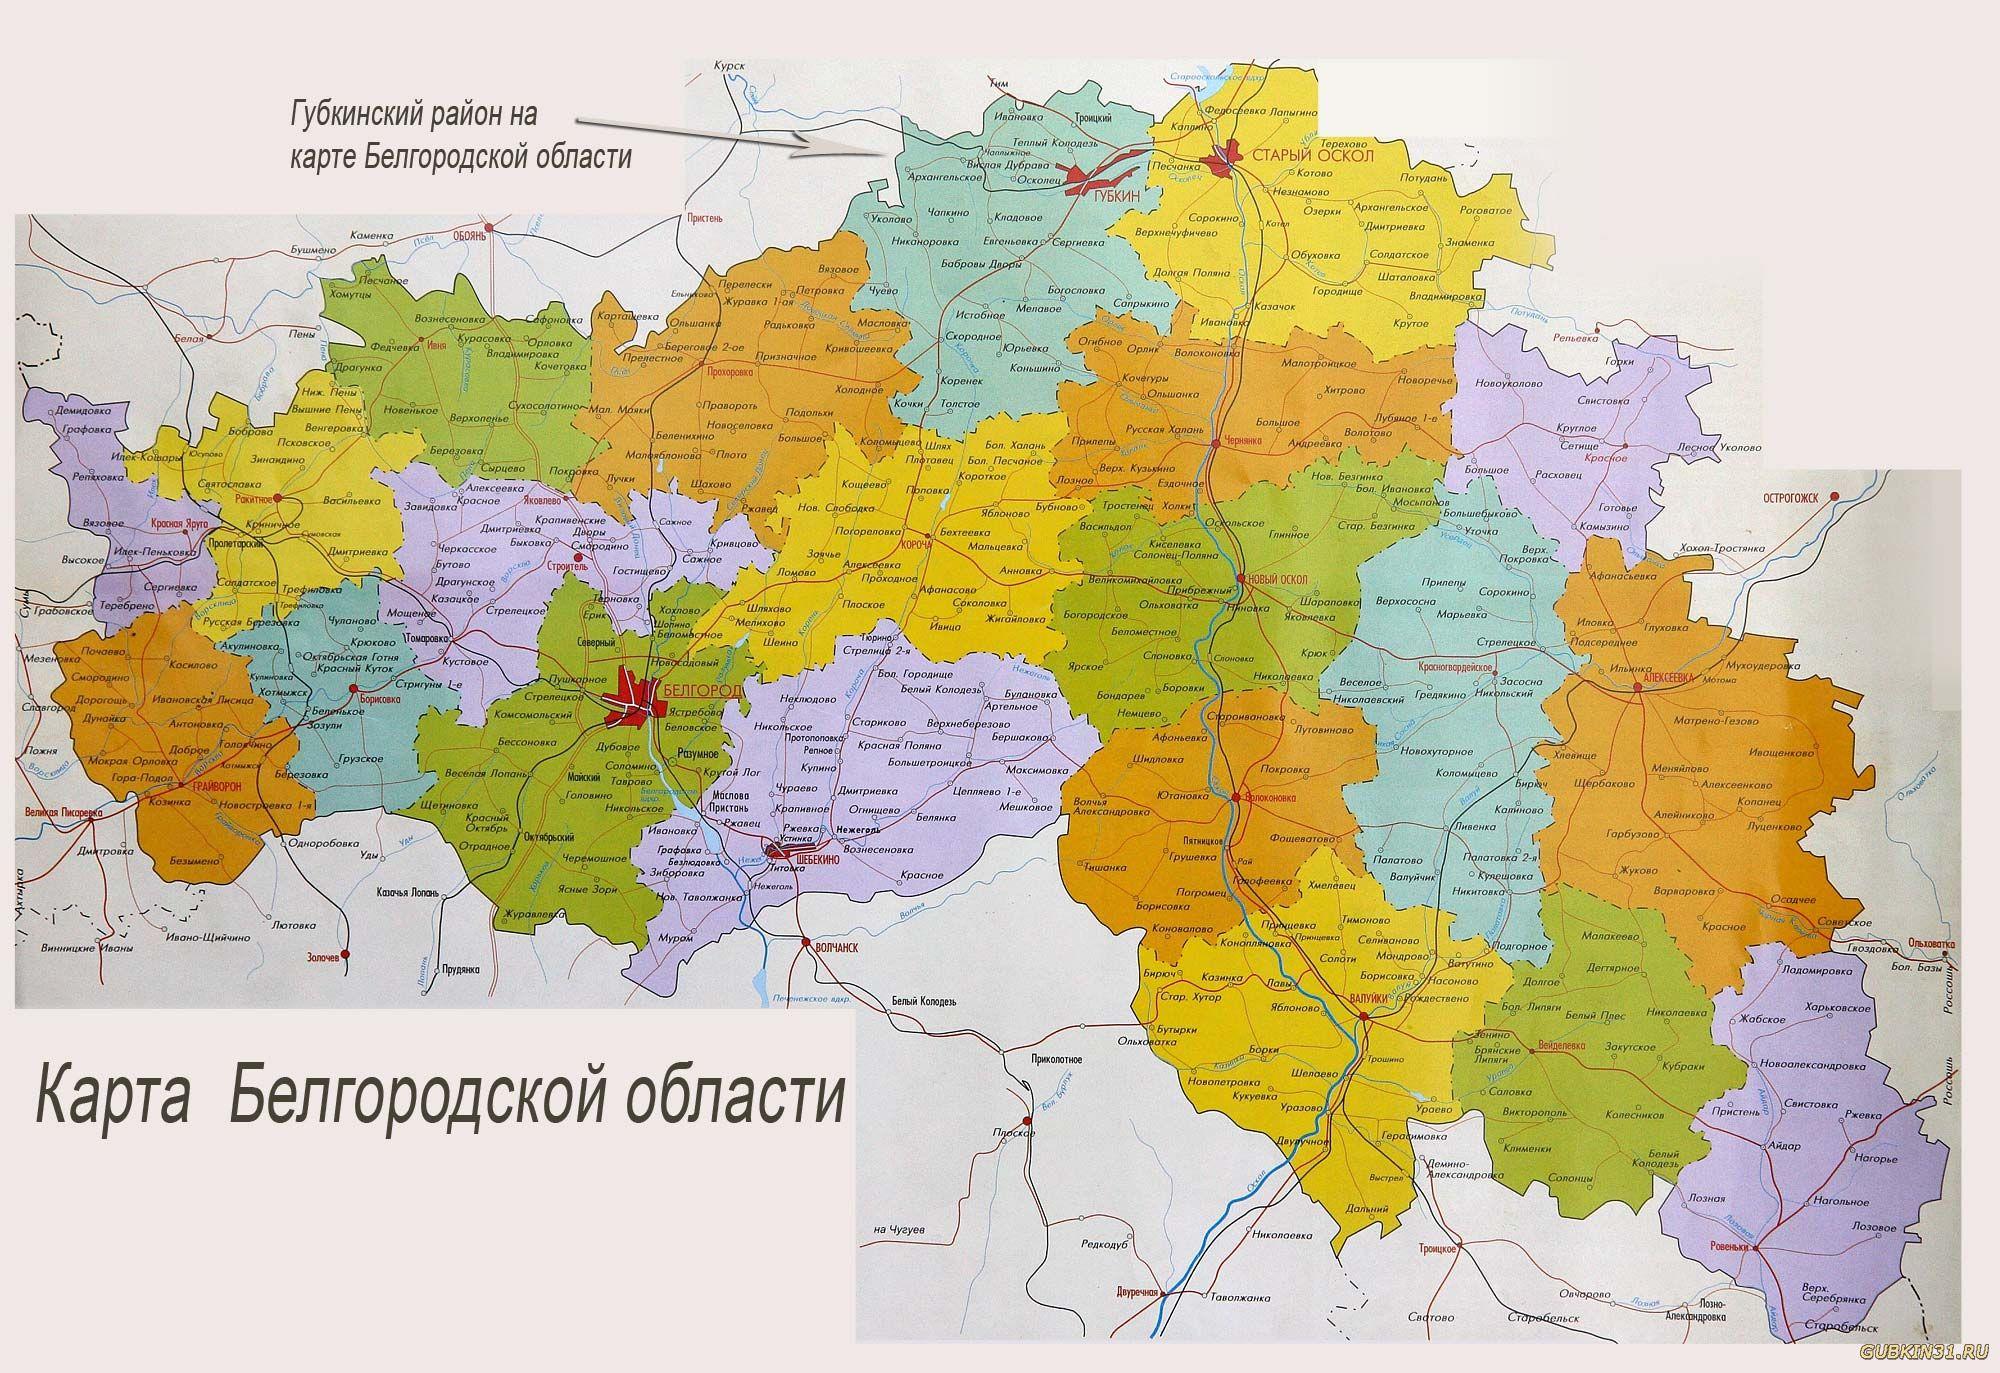 Интересные новости недели в украине